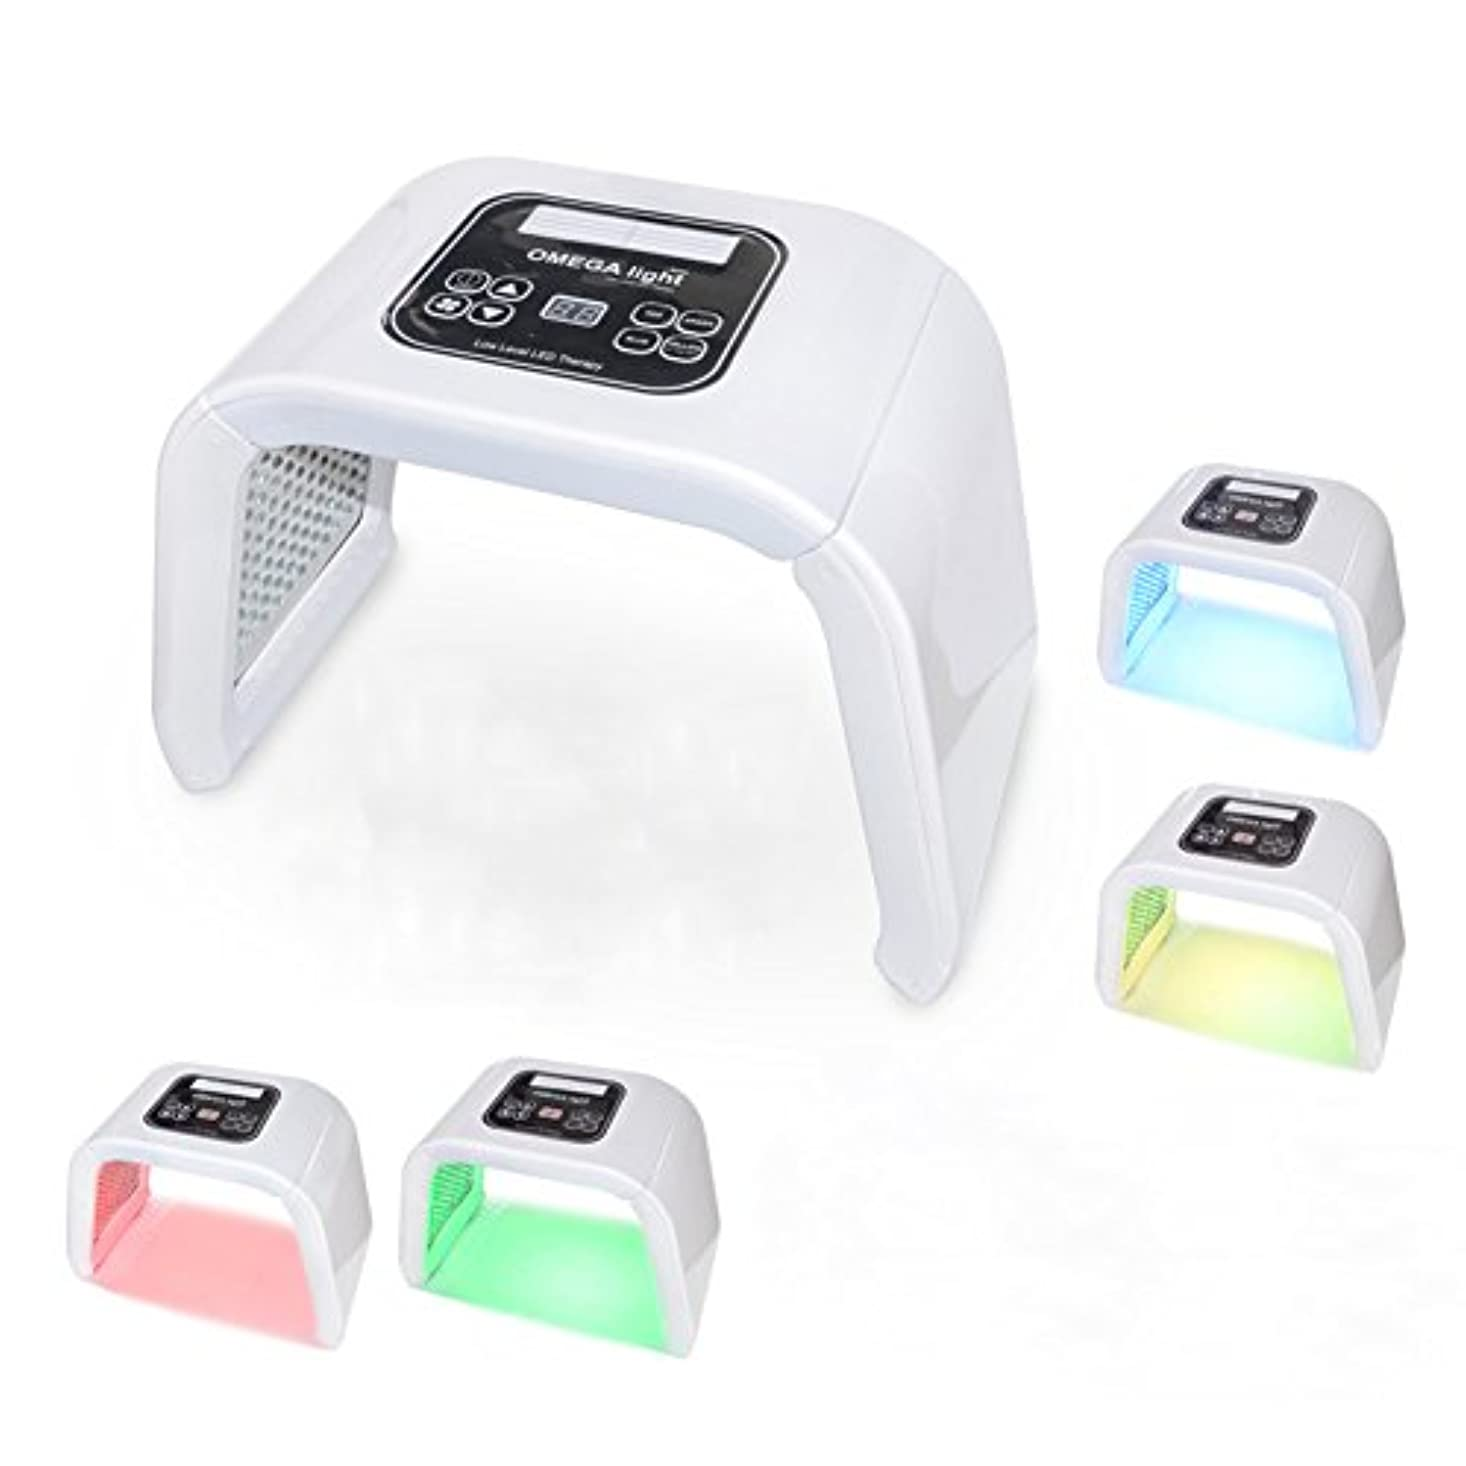 キリストリビングルームバルコニーにきびの皮の若返りの美装置を白くする光子療法機械LED 4色,White